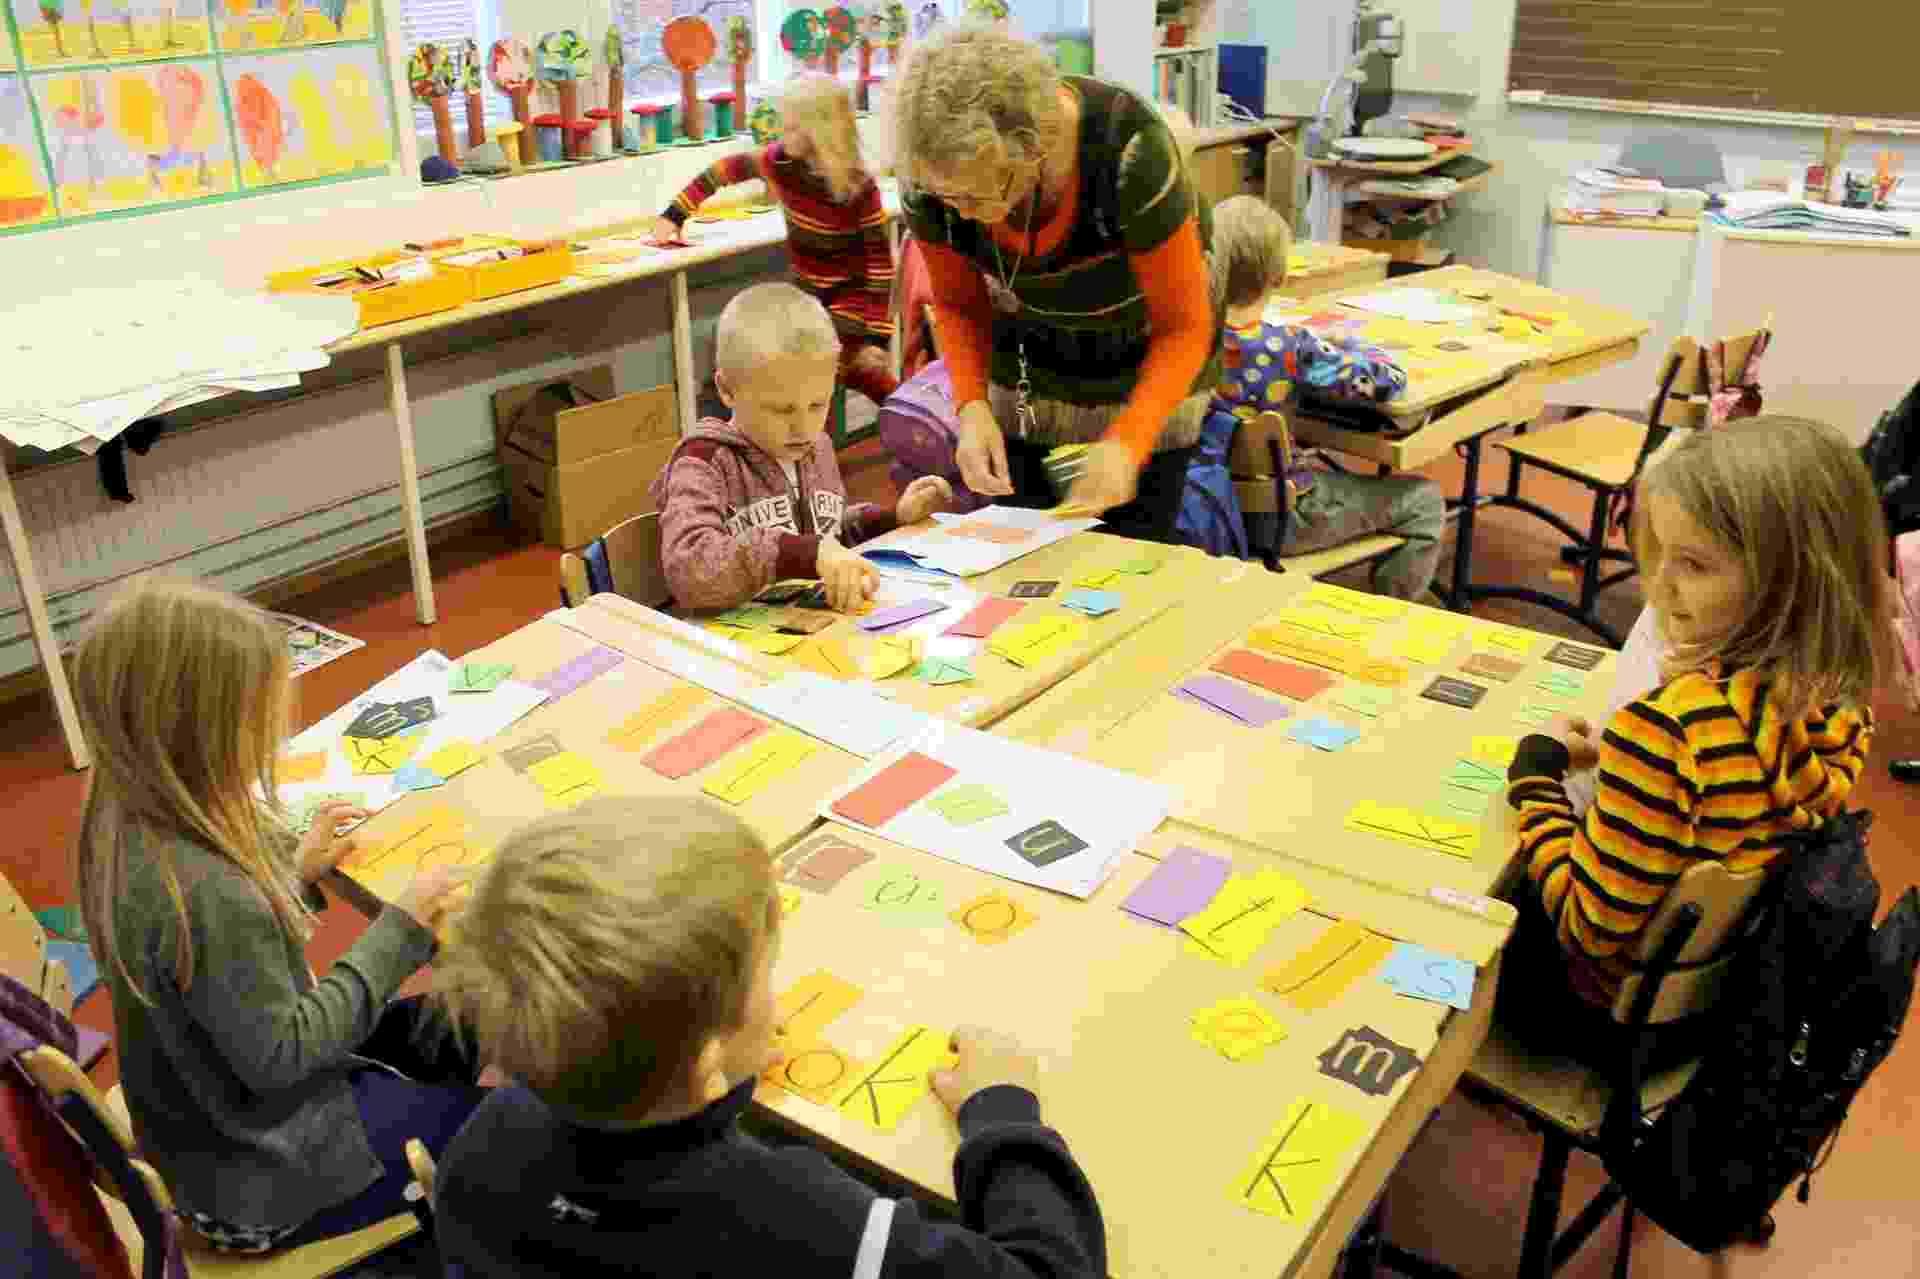 Na sala acima, as crianças estão sendo alfabetizadas no finlandês. Os alunos sentam em grupos e fazem jogos com as letras para formar palavras - Guilherme Tagiaroli/UOL